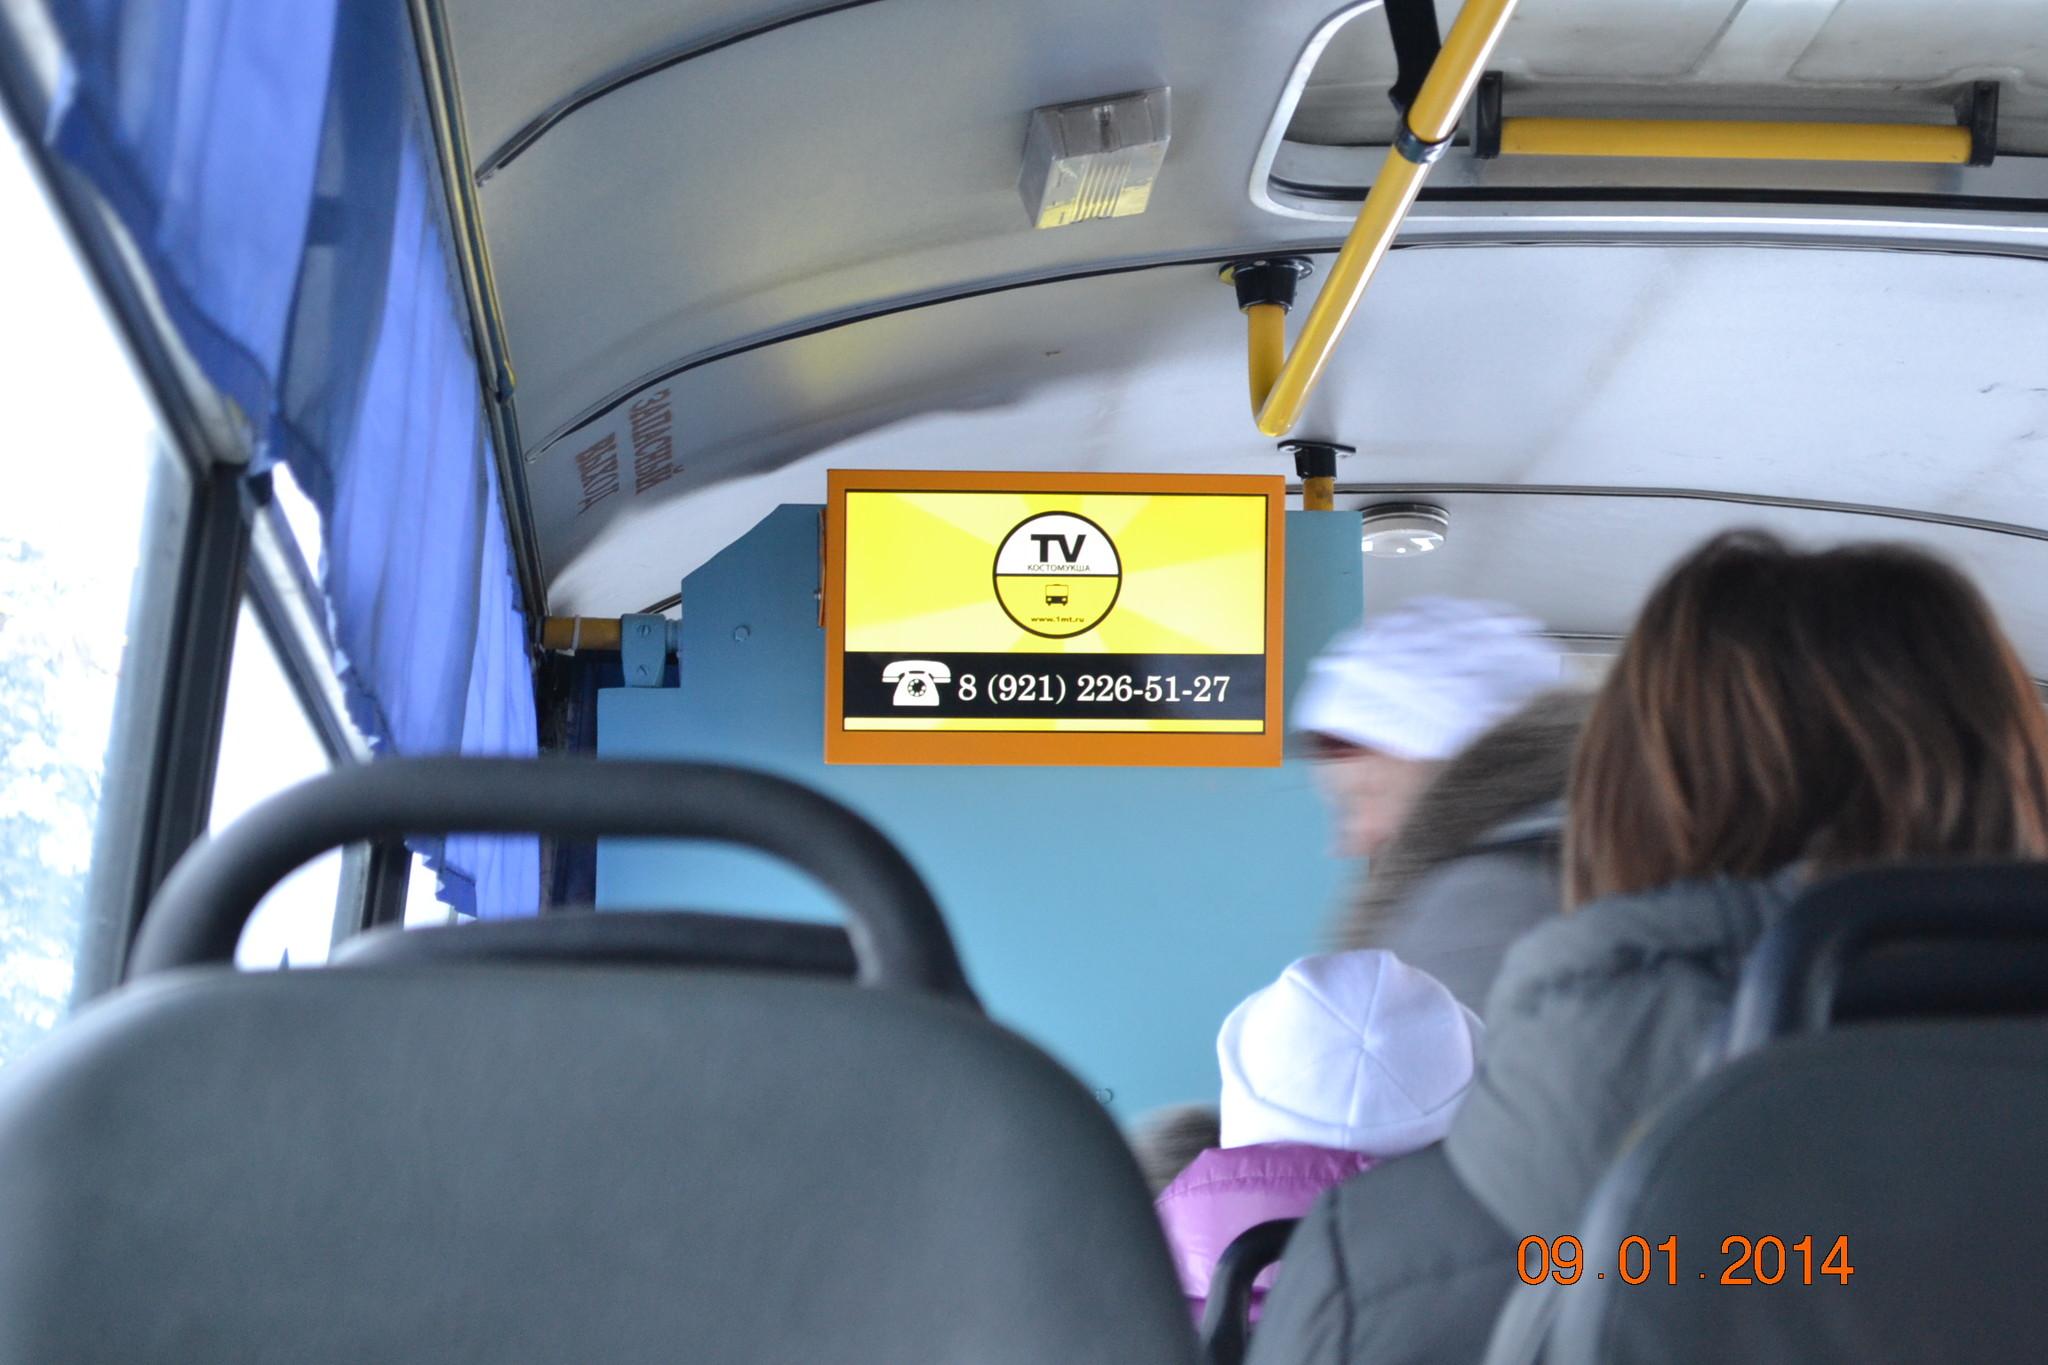 Рекламный монитор для транспорта с 3G и GPS - Первое Маршрутное Телевидение